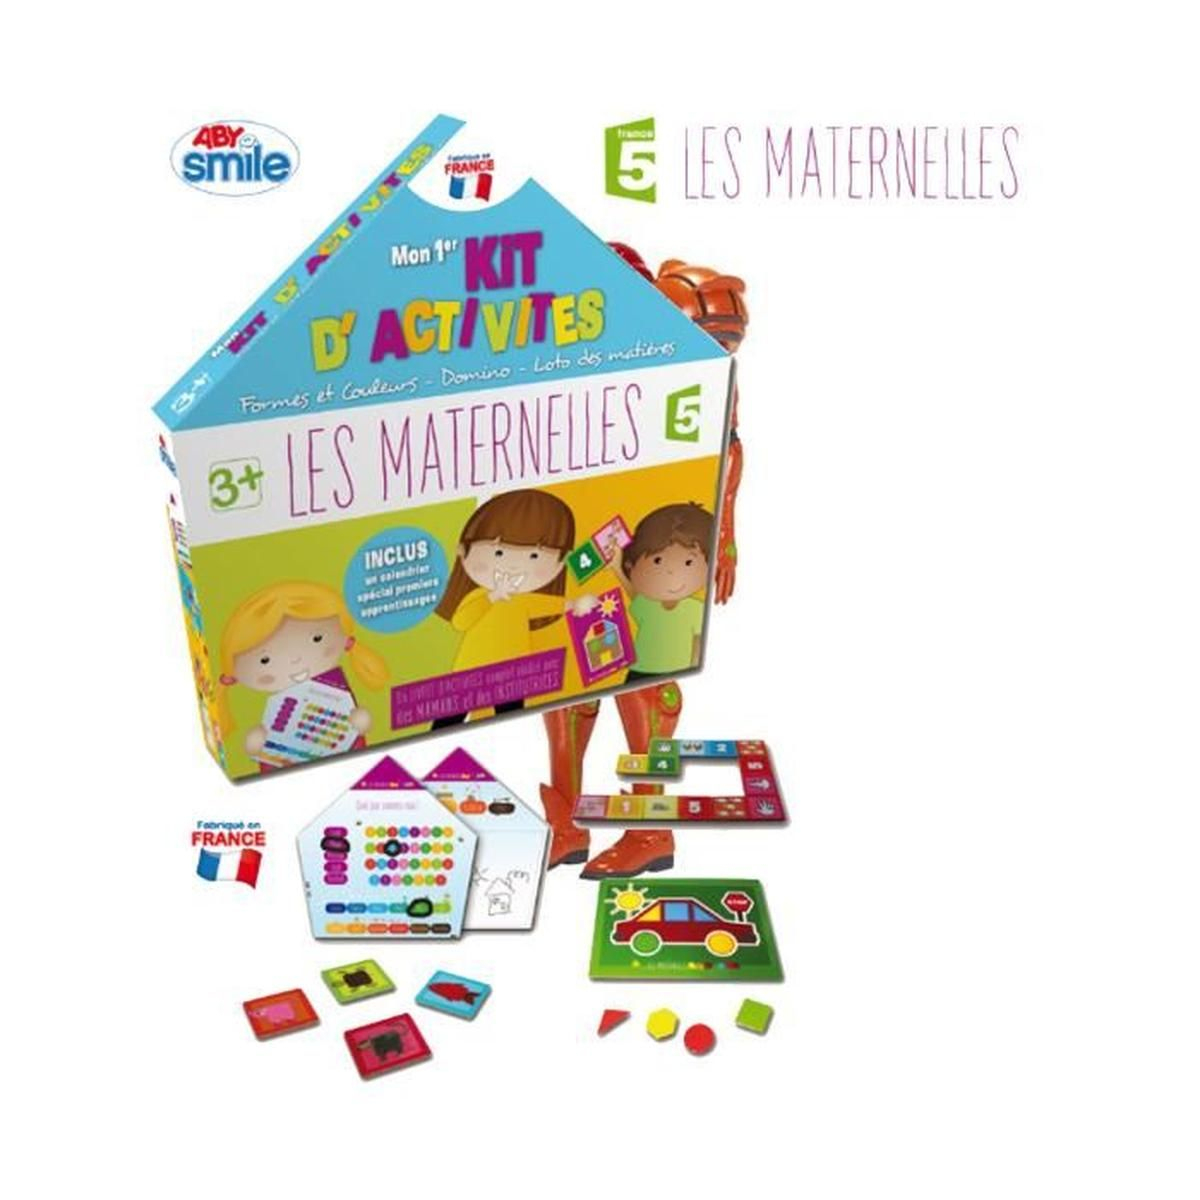 Jeu Les Maternelles : Mon Premier Kit D'activités Aille Unique Coloris  Unique concernant Jeux D Apprentissage Maternelle